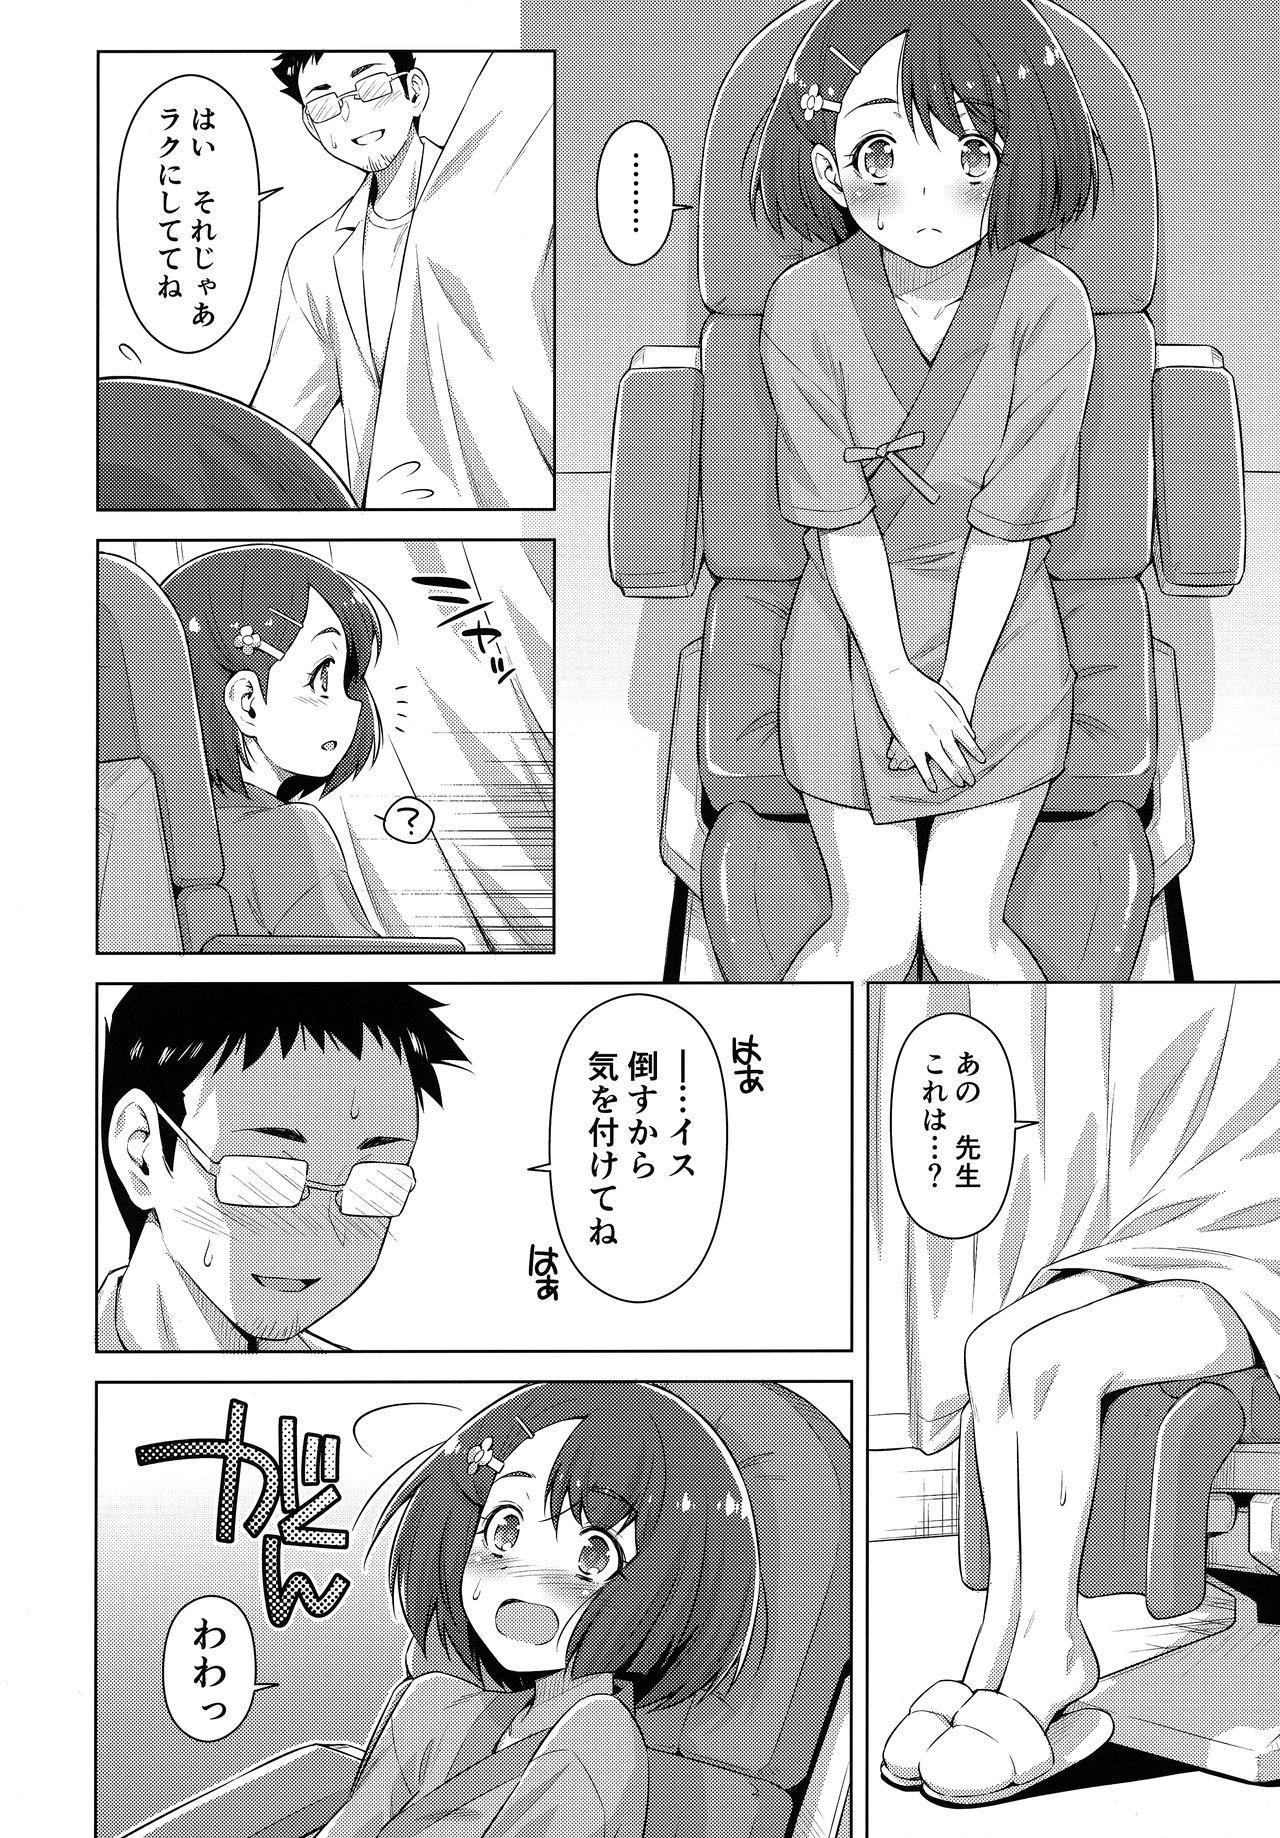 Boku no Shinryoujo e Youkoso. 14